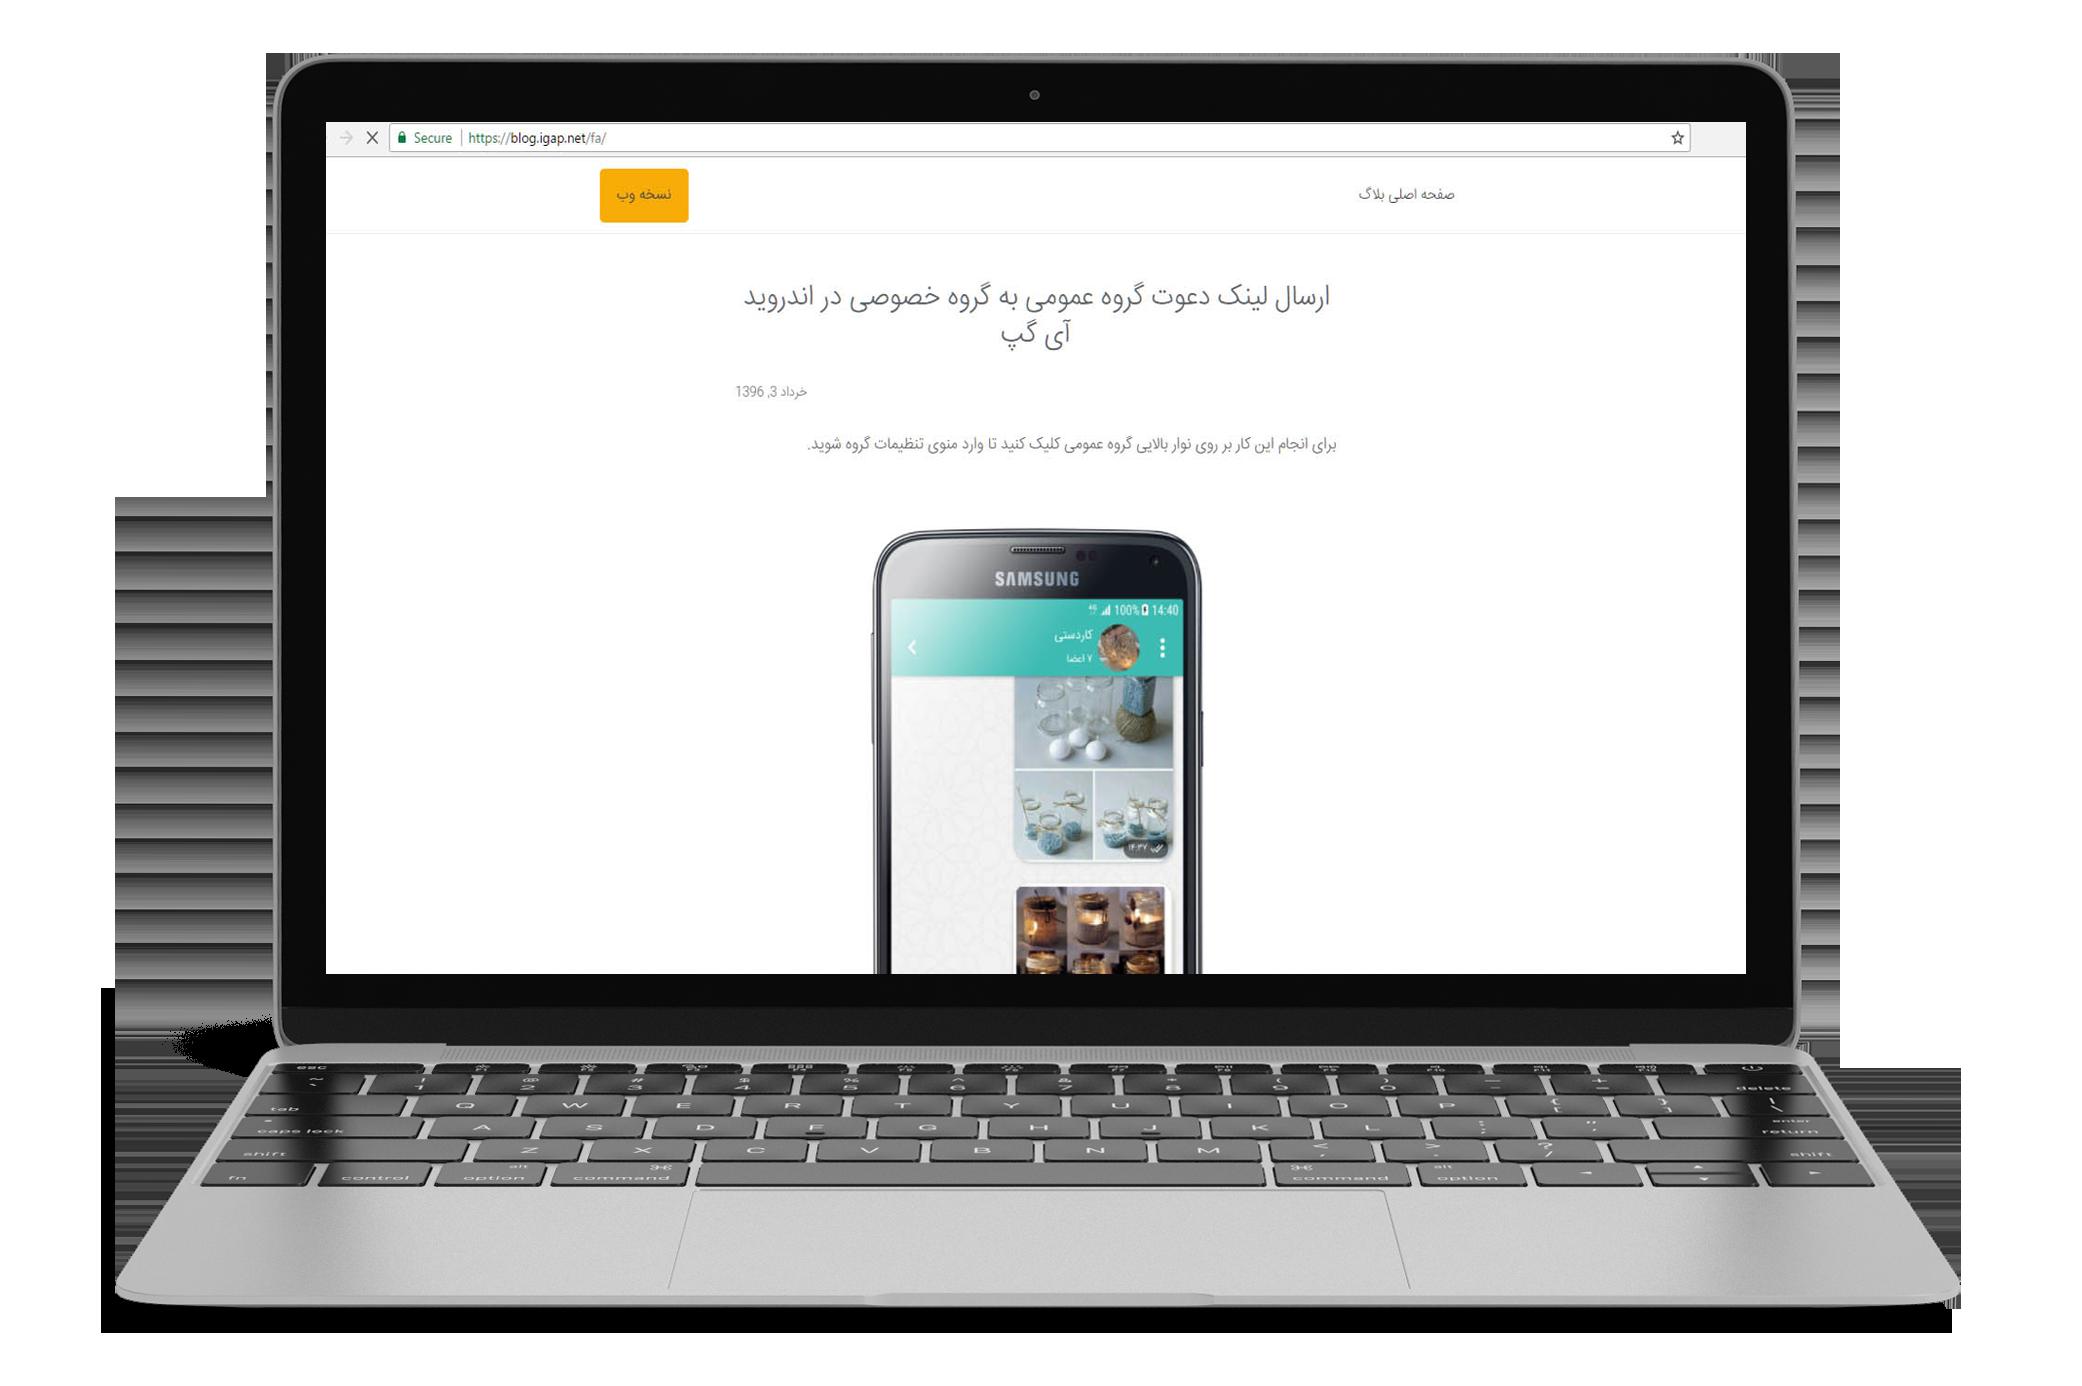 صفحه رسمی آیگپ در وب